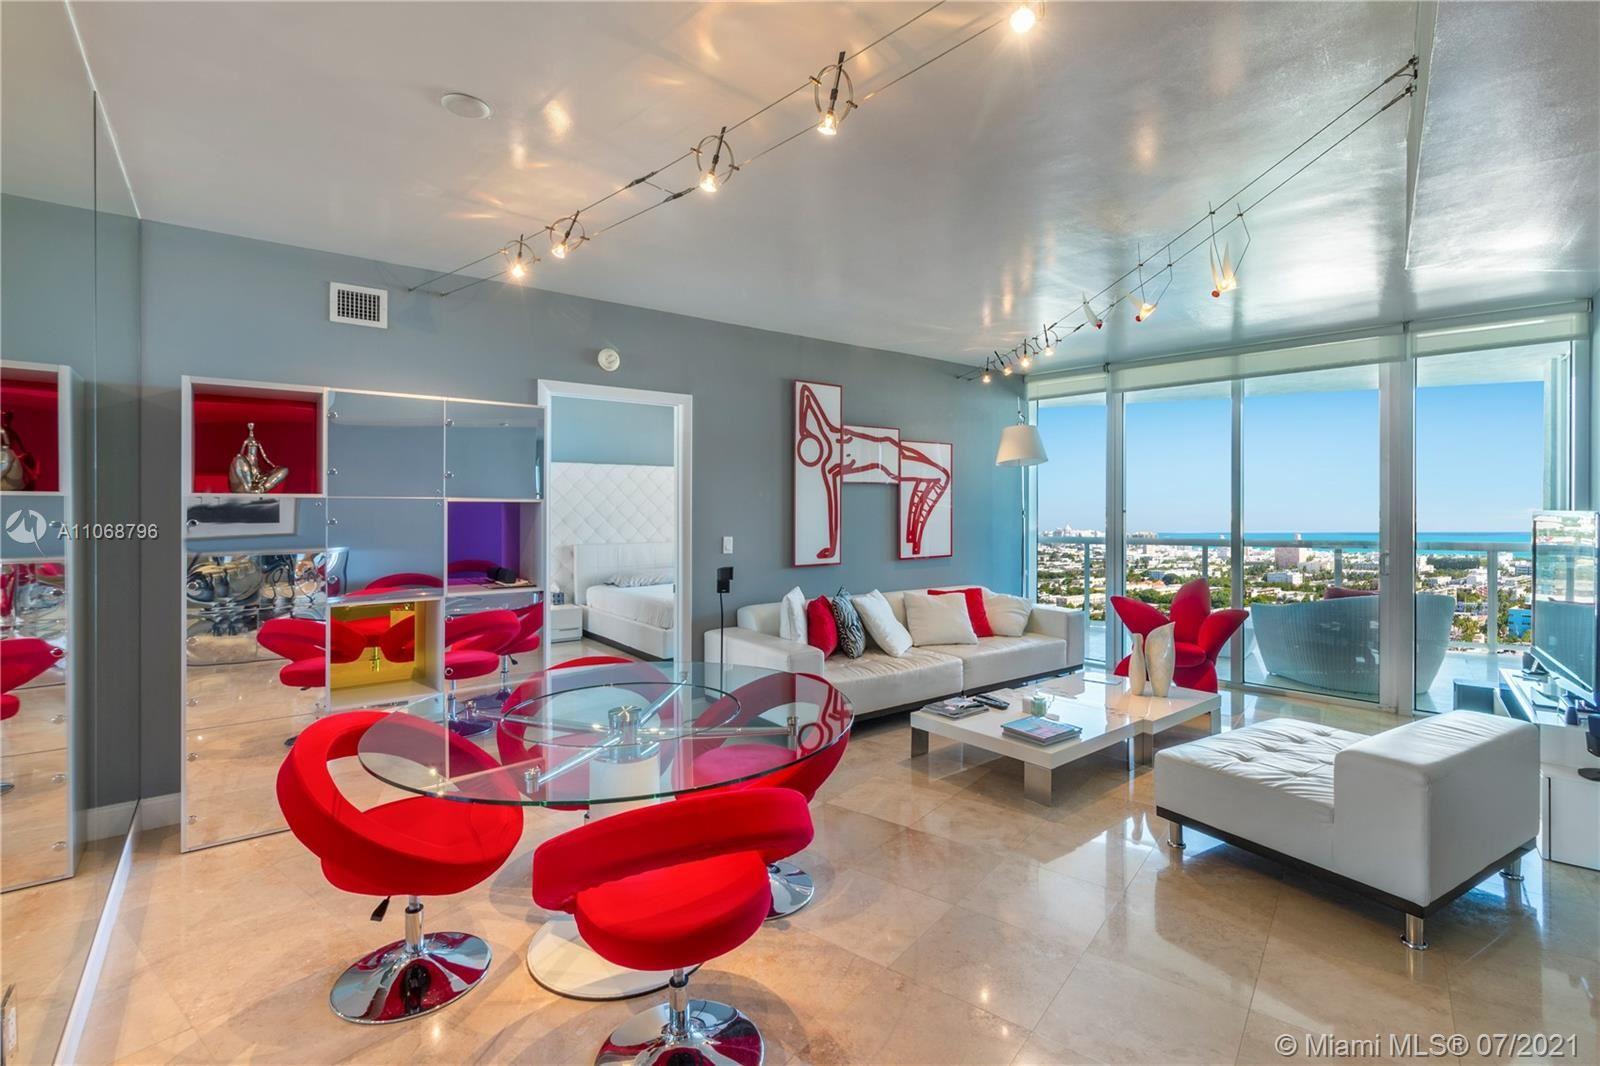 400 Alton Rd #1805, Miami Beach, FL 33139 - #: A11068796